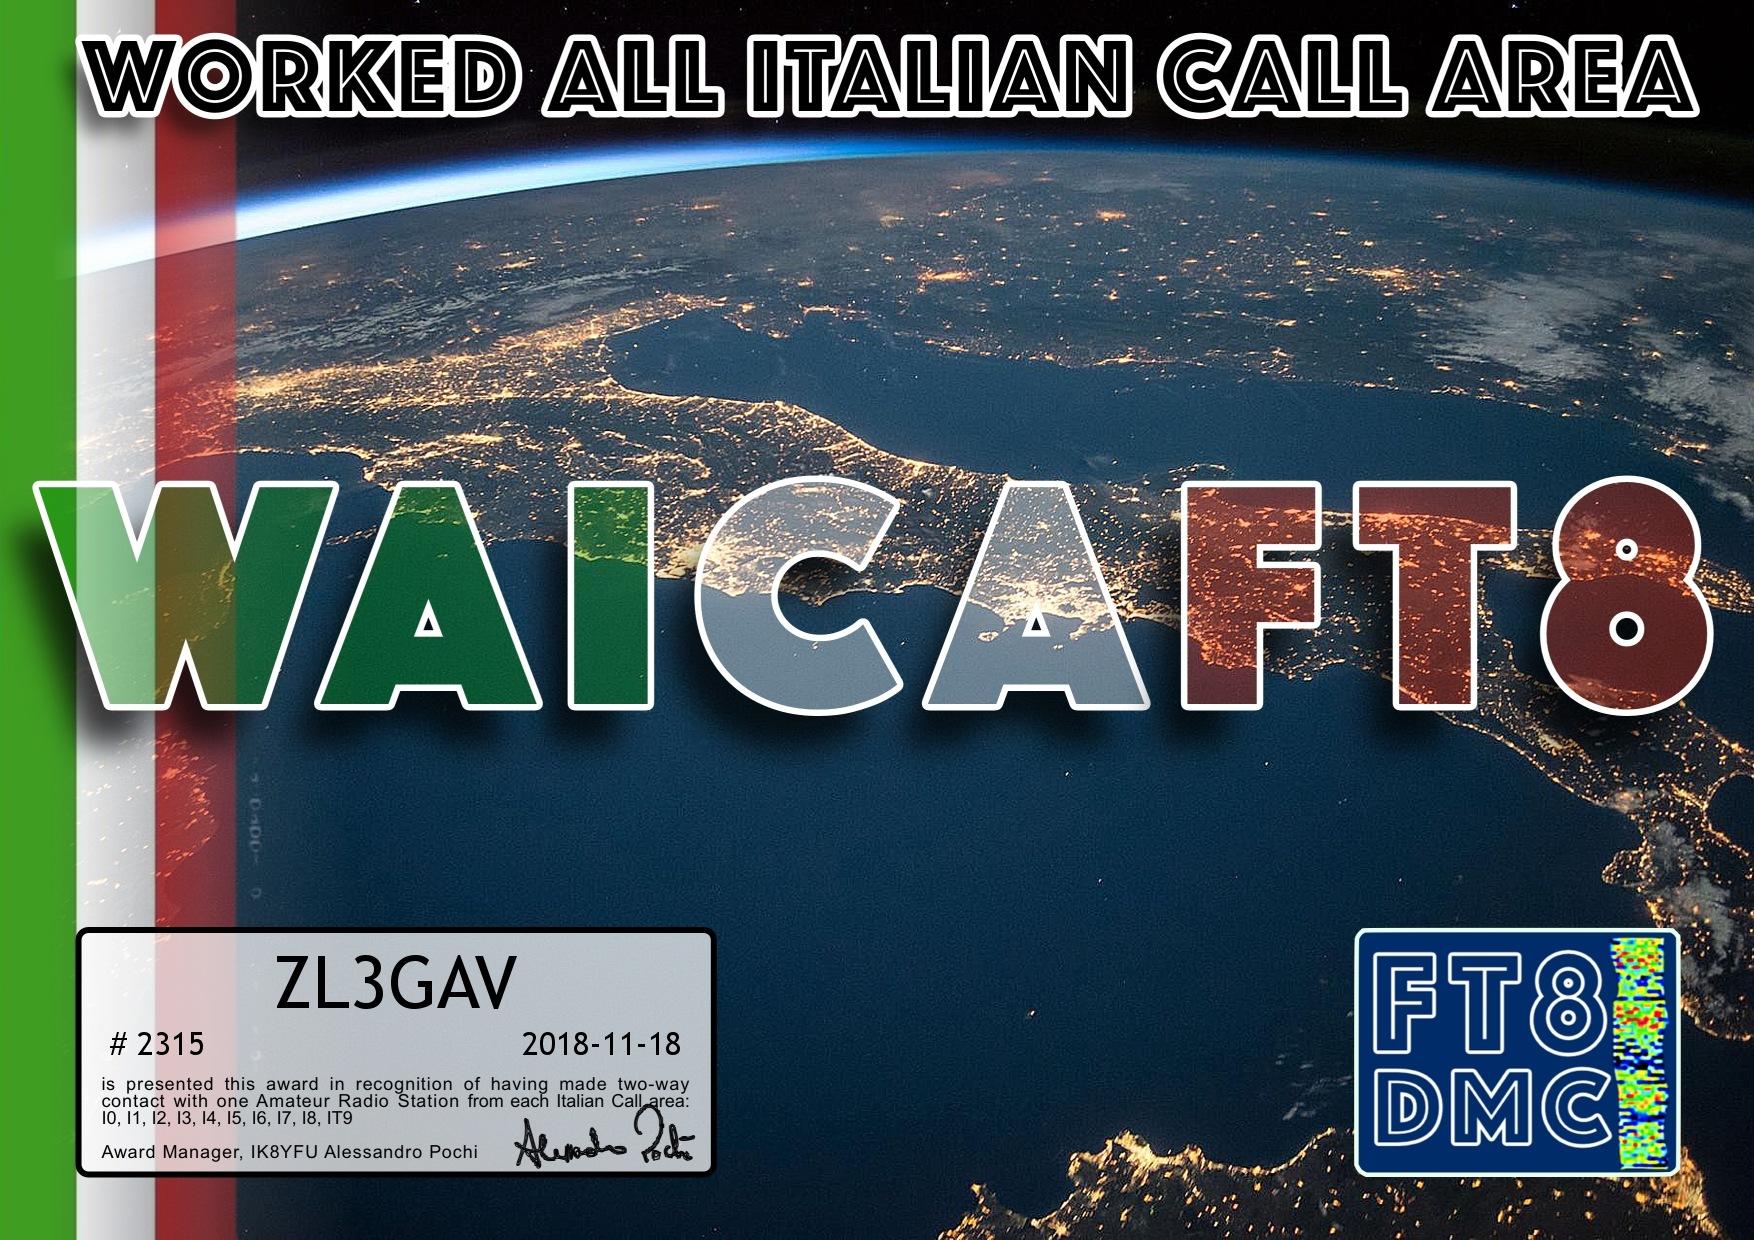 ZL3GAV-WAICA-WAICA.jpg